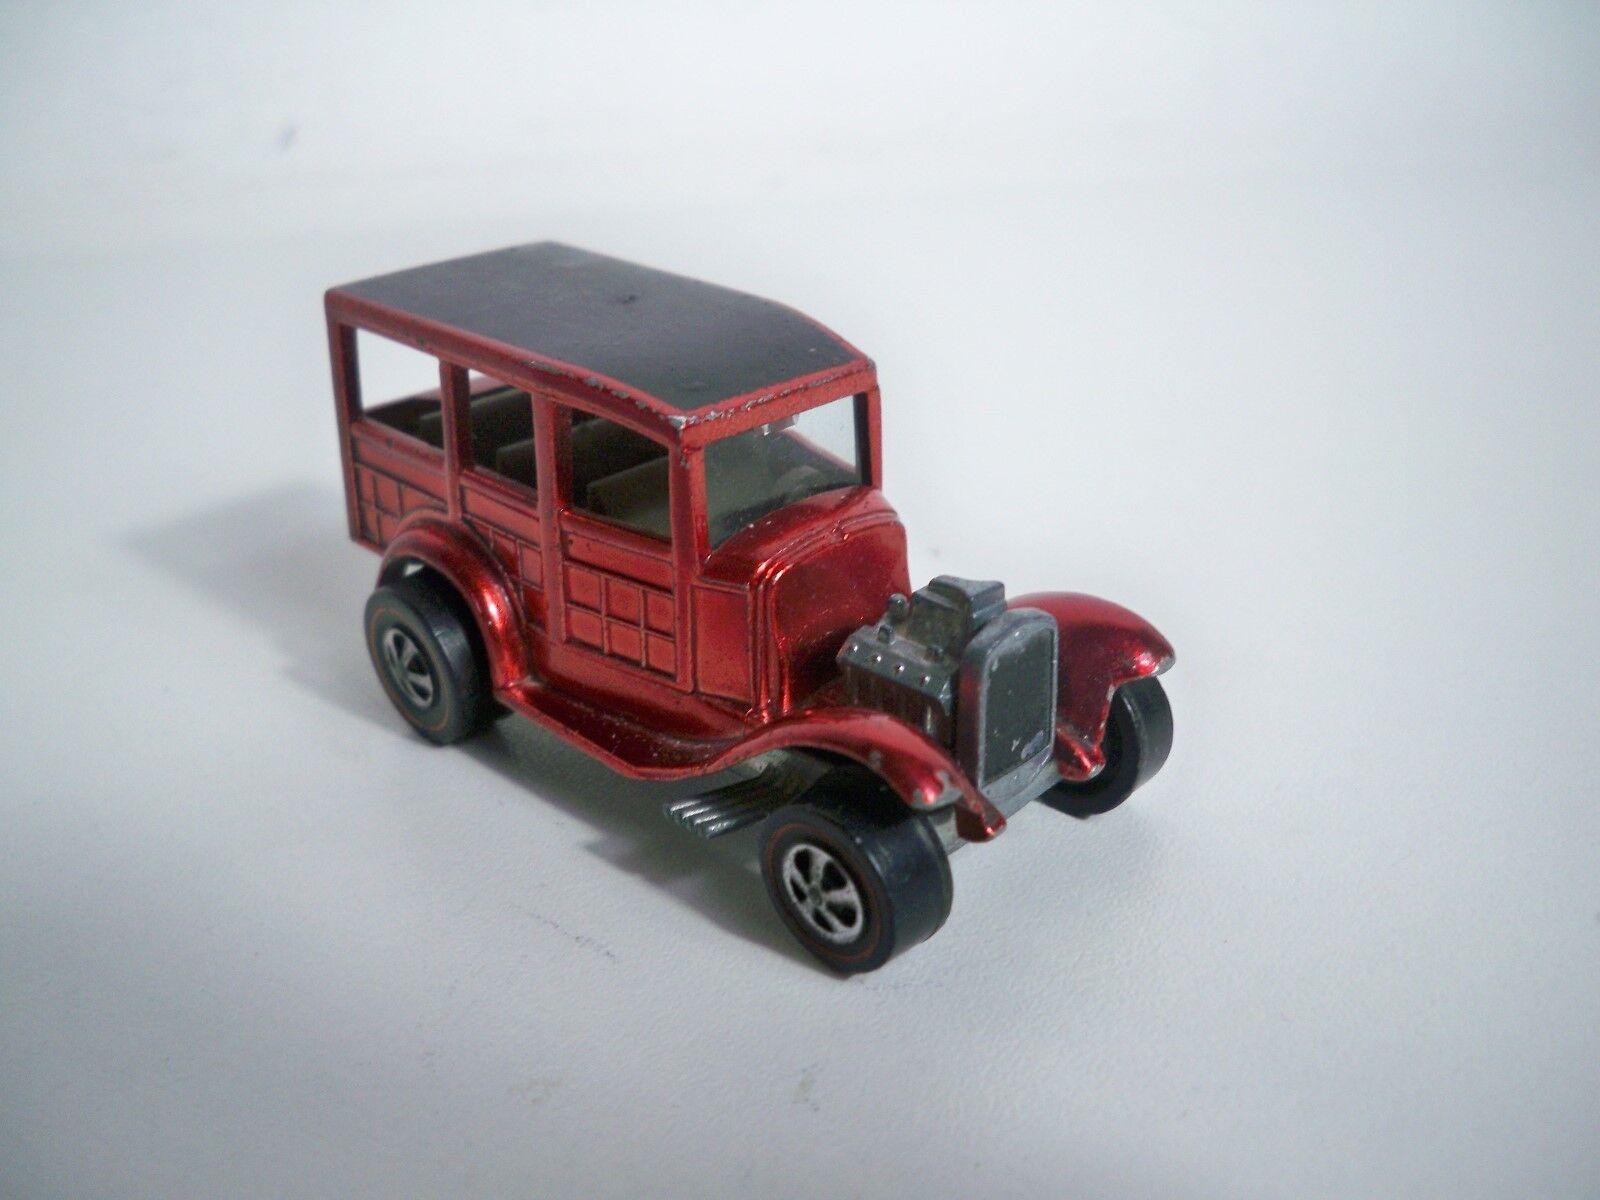 K189982 HOT Wtalons discriminatoires  1968 CLASSIC 31 Ford boisy Rouge Vintage Original  bas prix